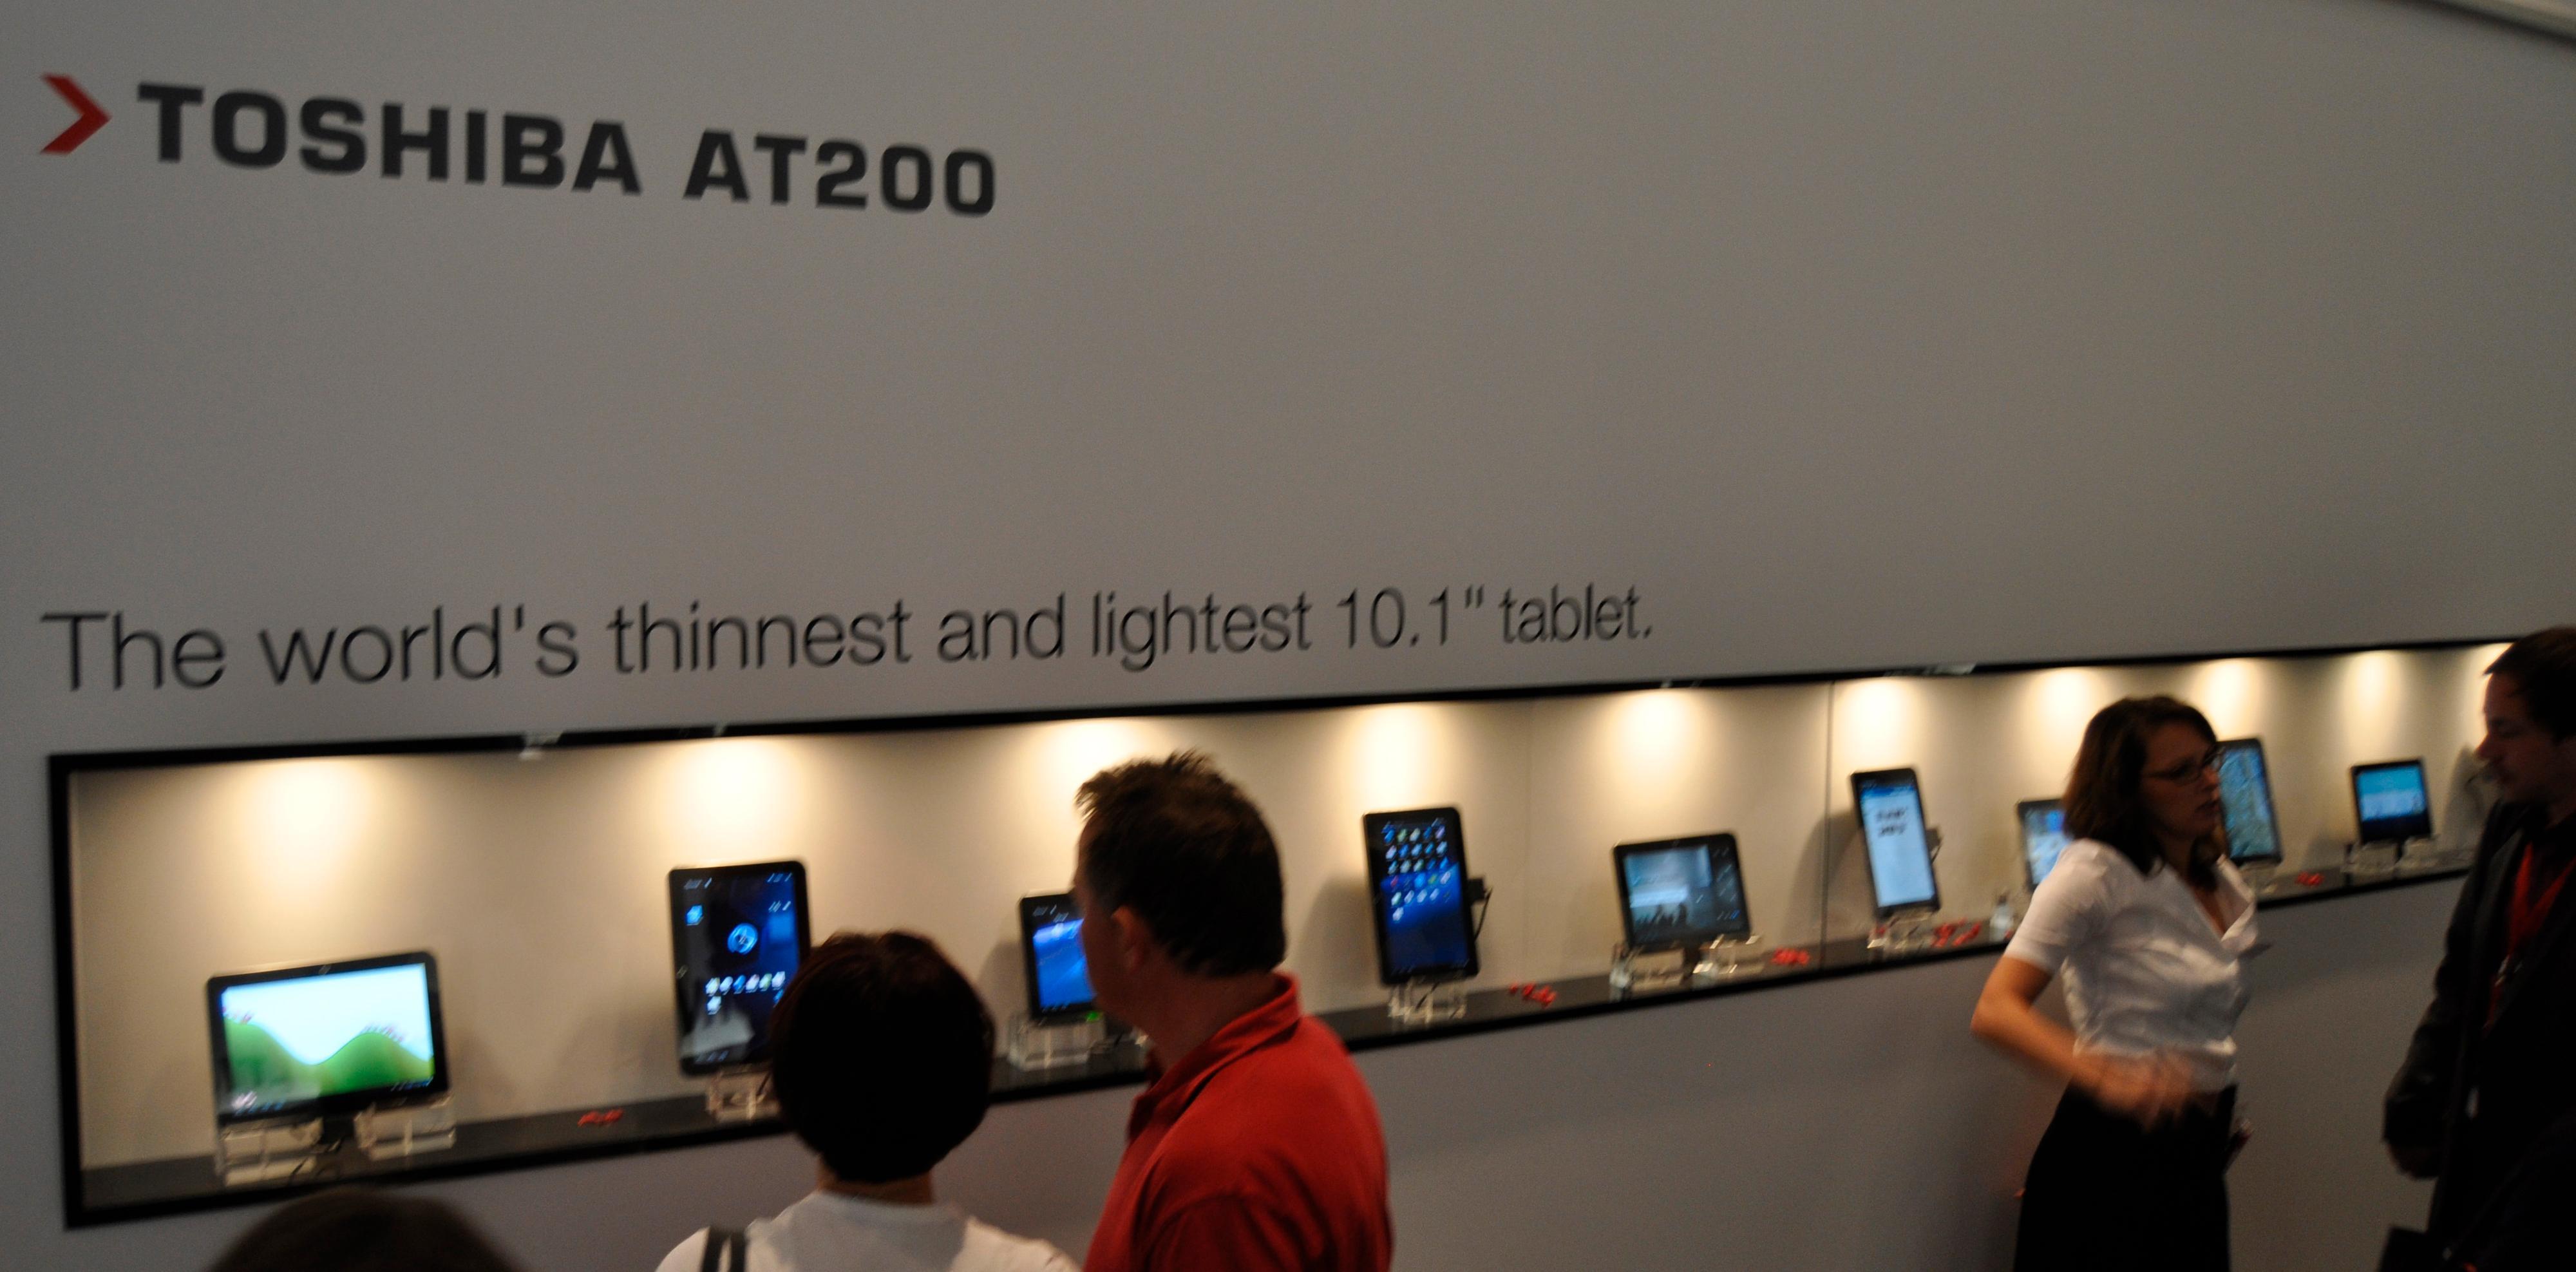 Toshiba stilte ut en rekke nettbrett med forskjellige apps på i sin hall.